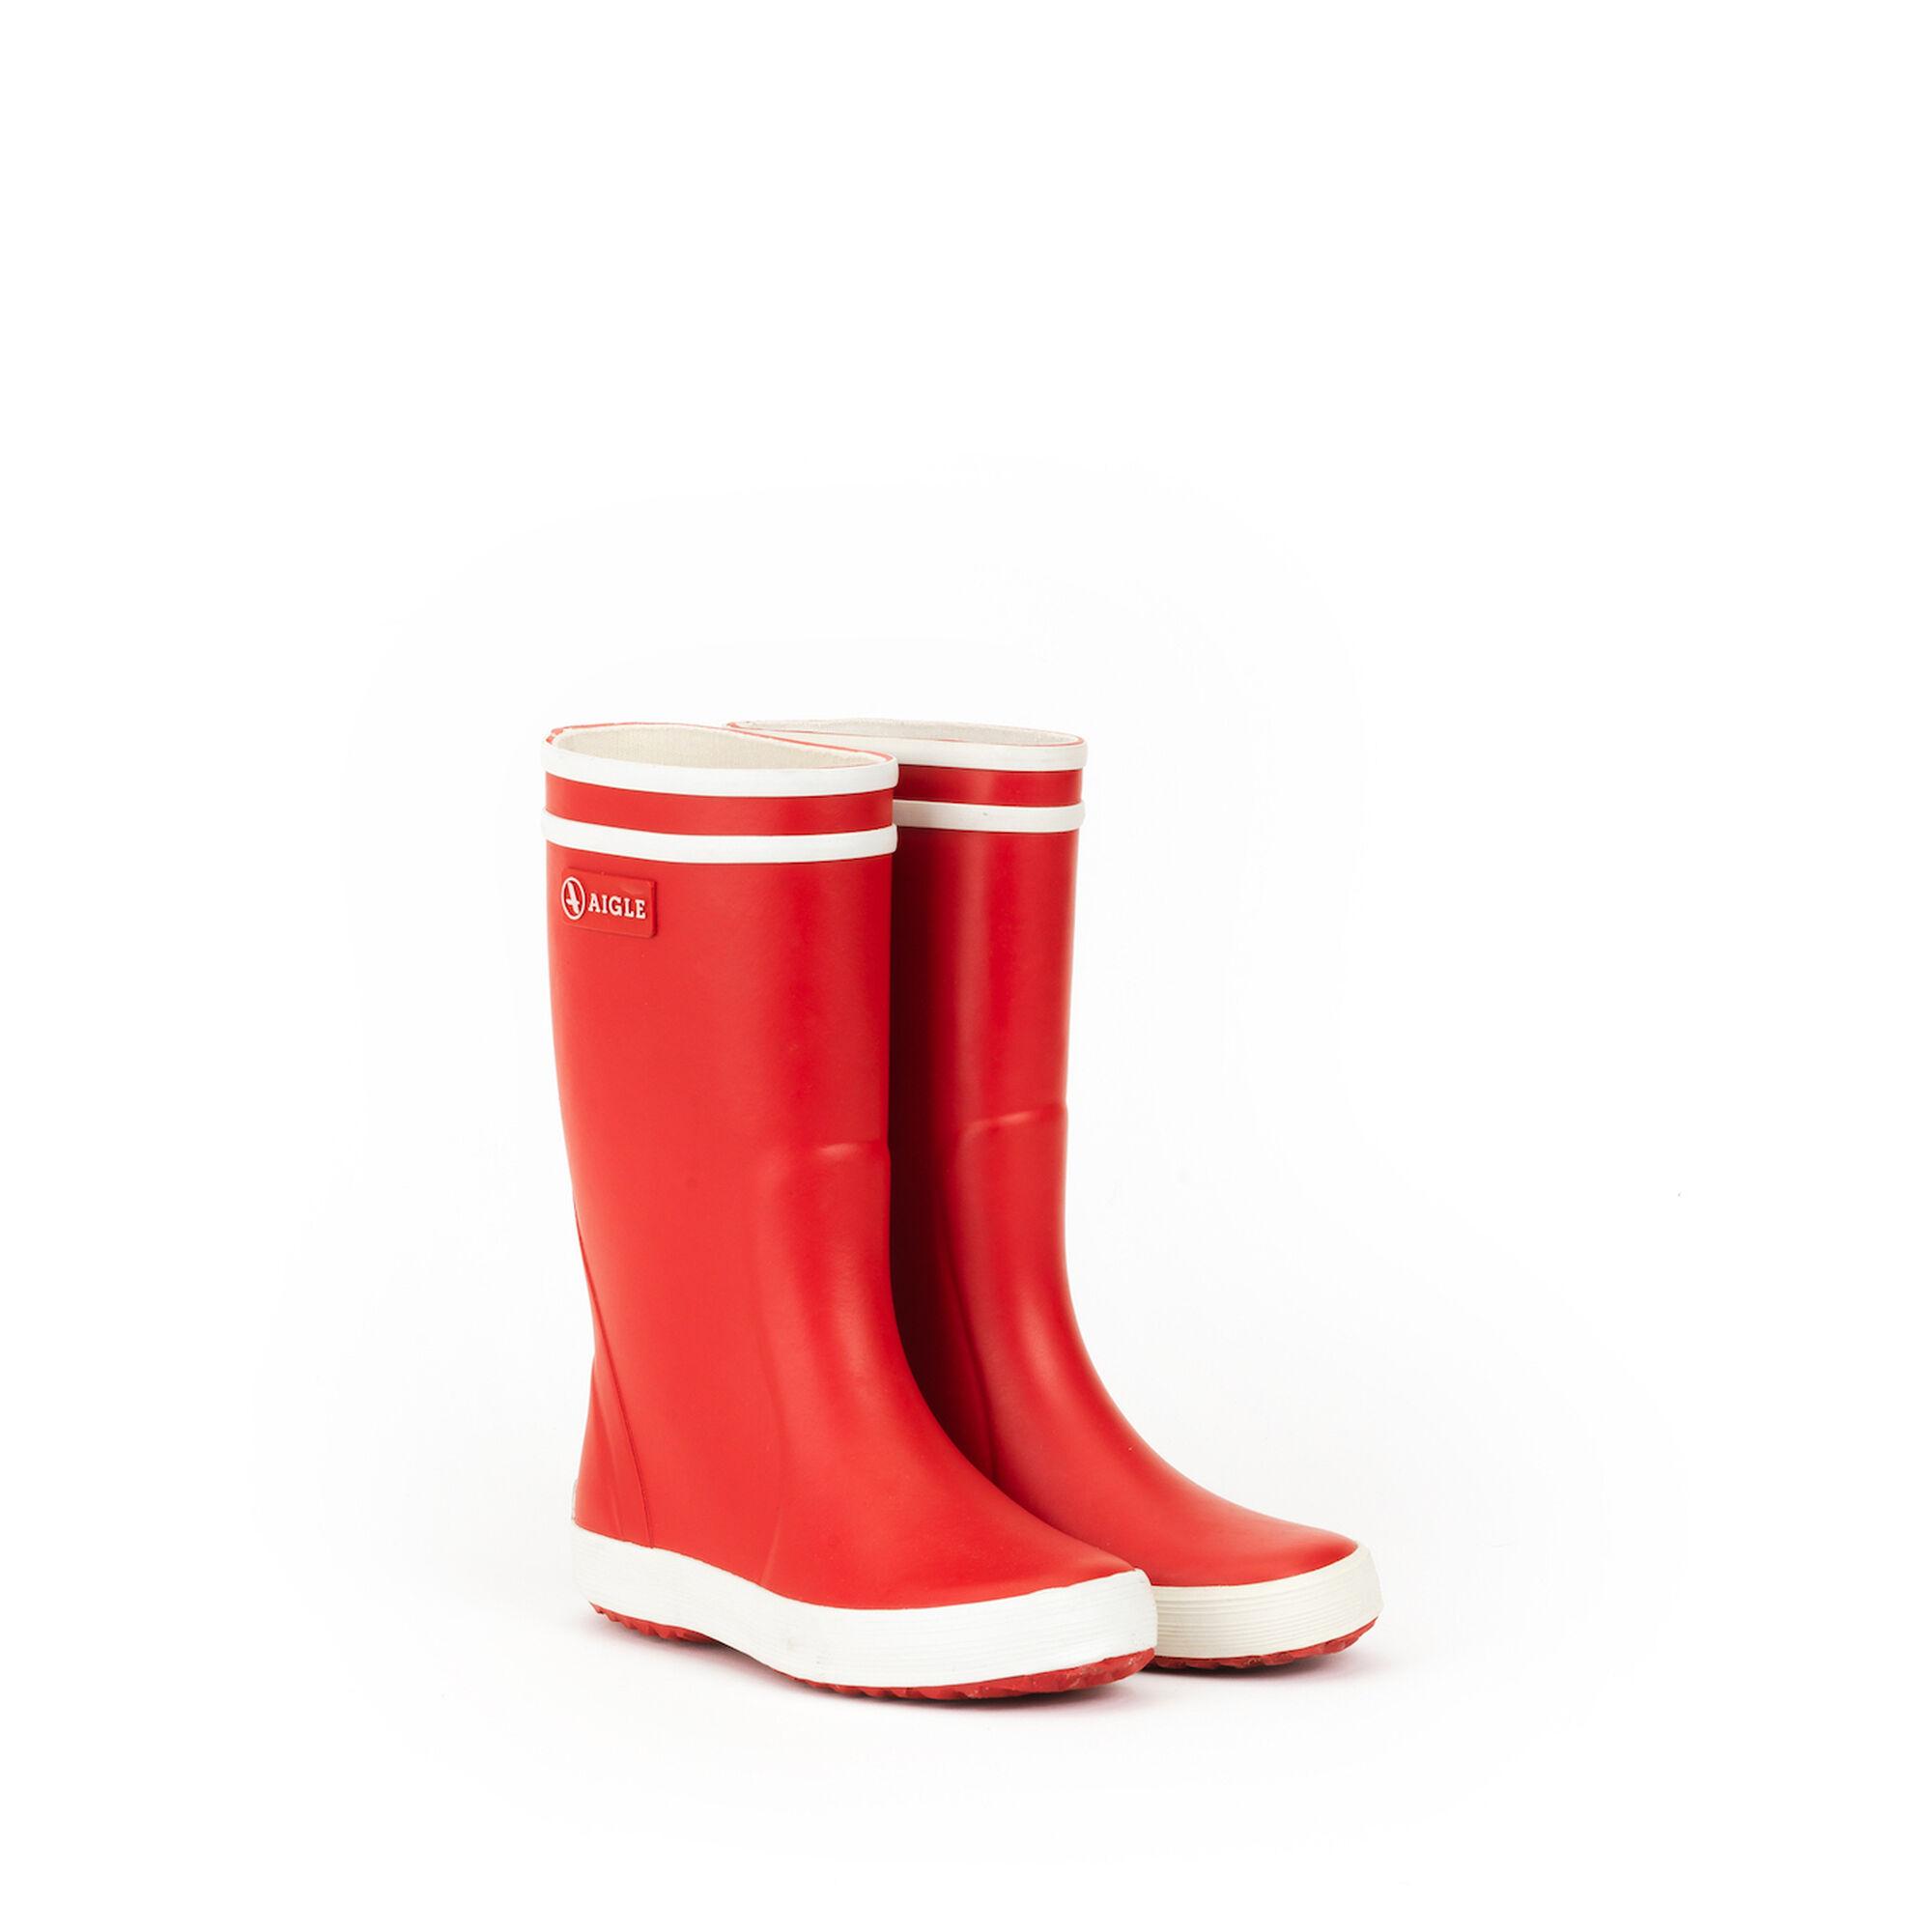 Botte de pluie enfant rouge/blanc